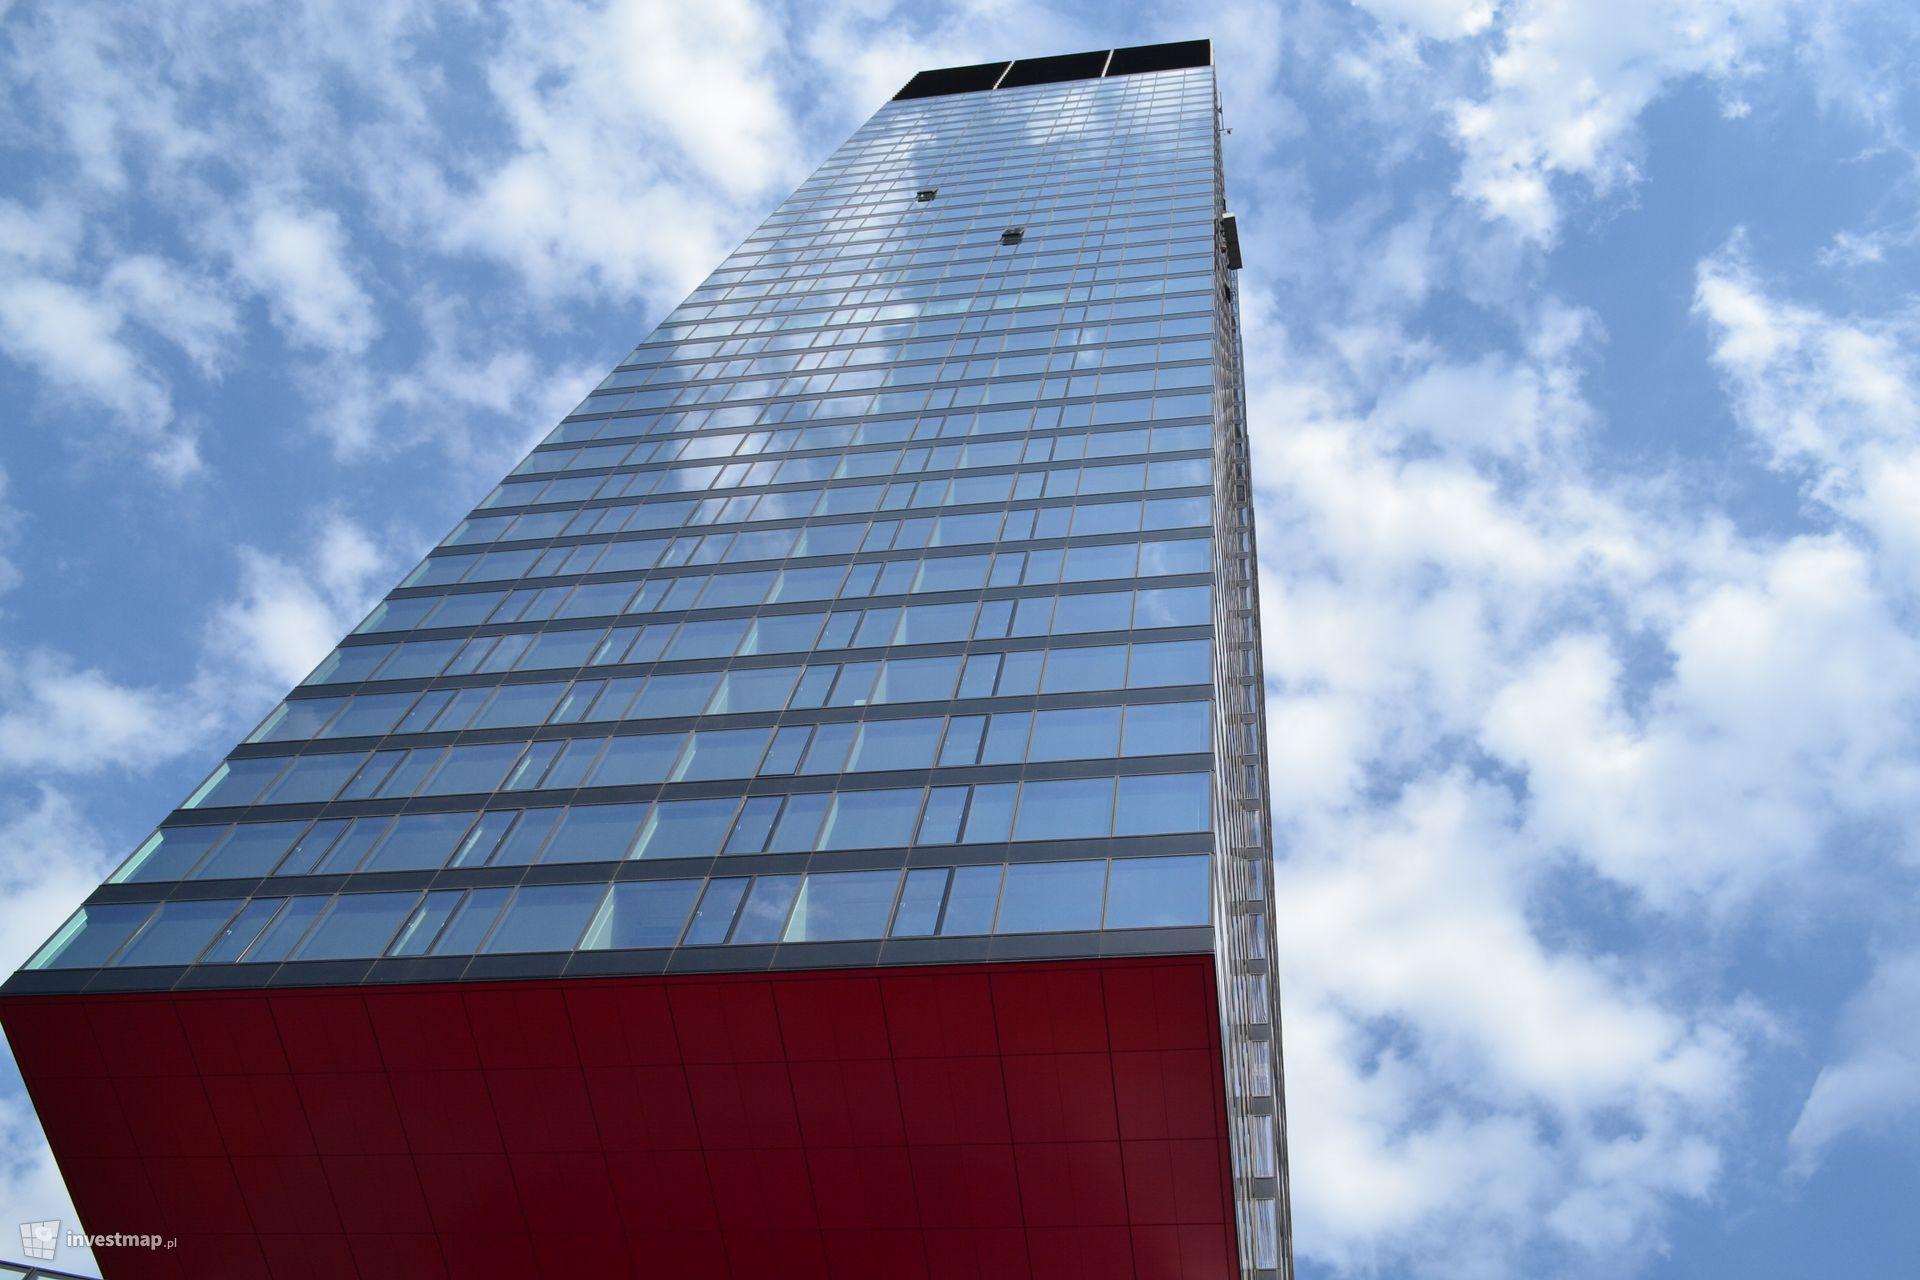 Wieżowiec Cosmopolitan Twarda 2/4 (Twarda Tower)